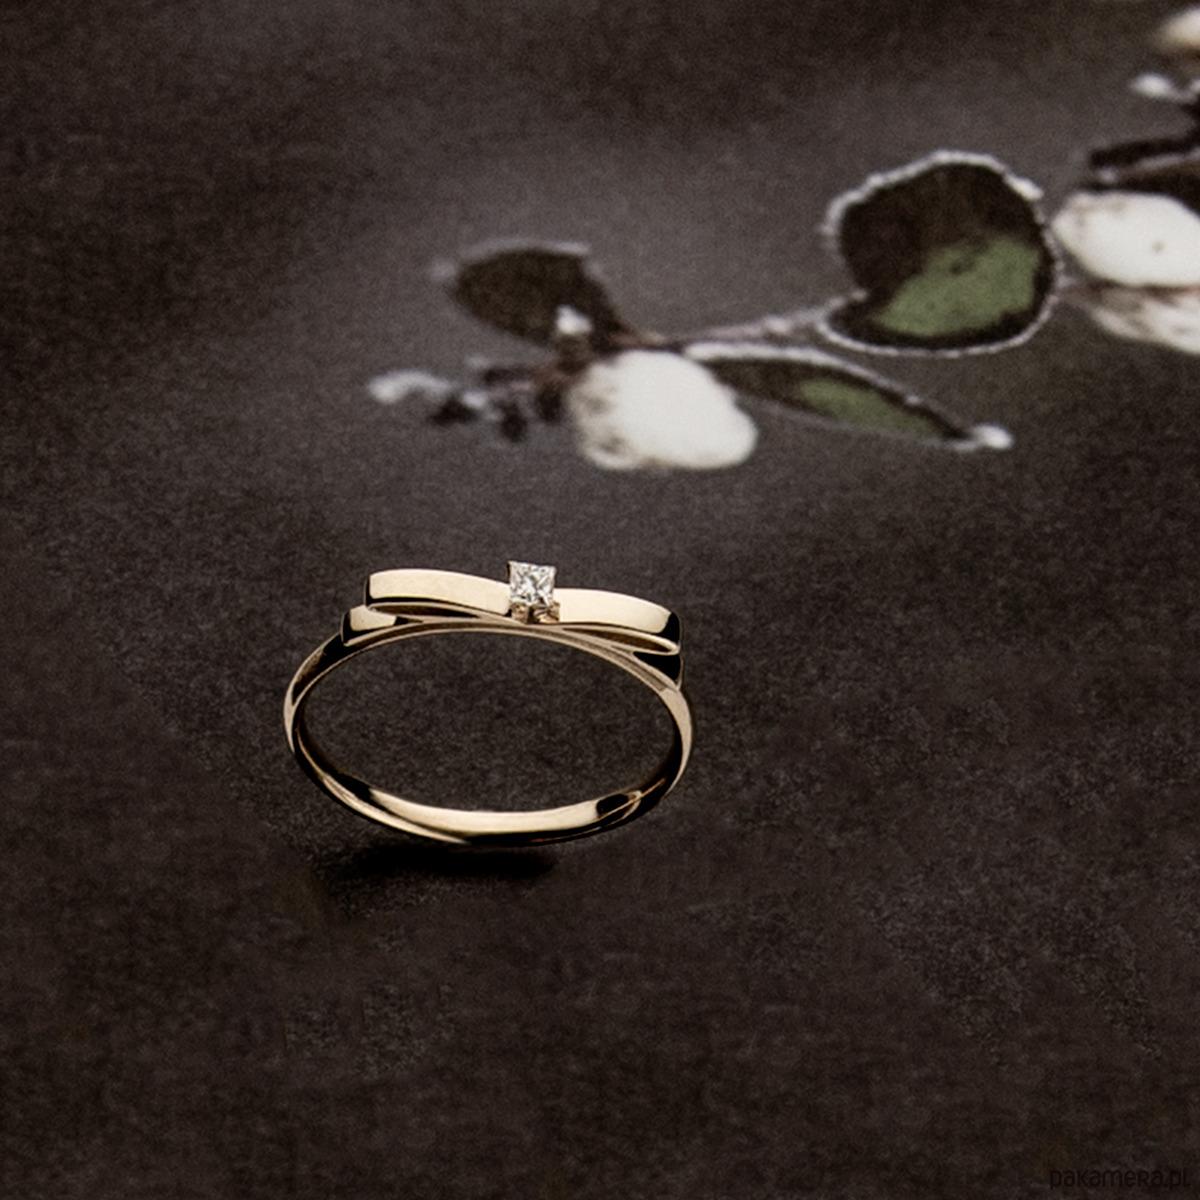 9d9a989ccf3ddf Złoty pierścionek z kokardką i diamentem Złoty pierścionek z kokardką i  diamentem